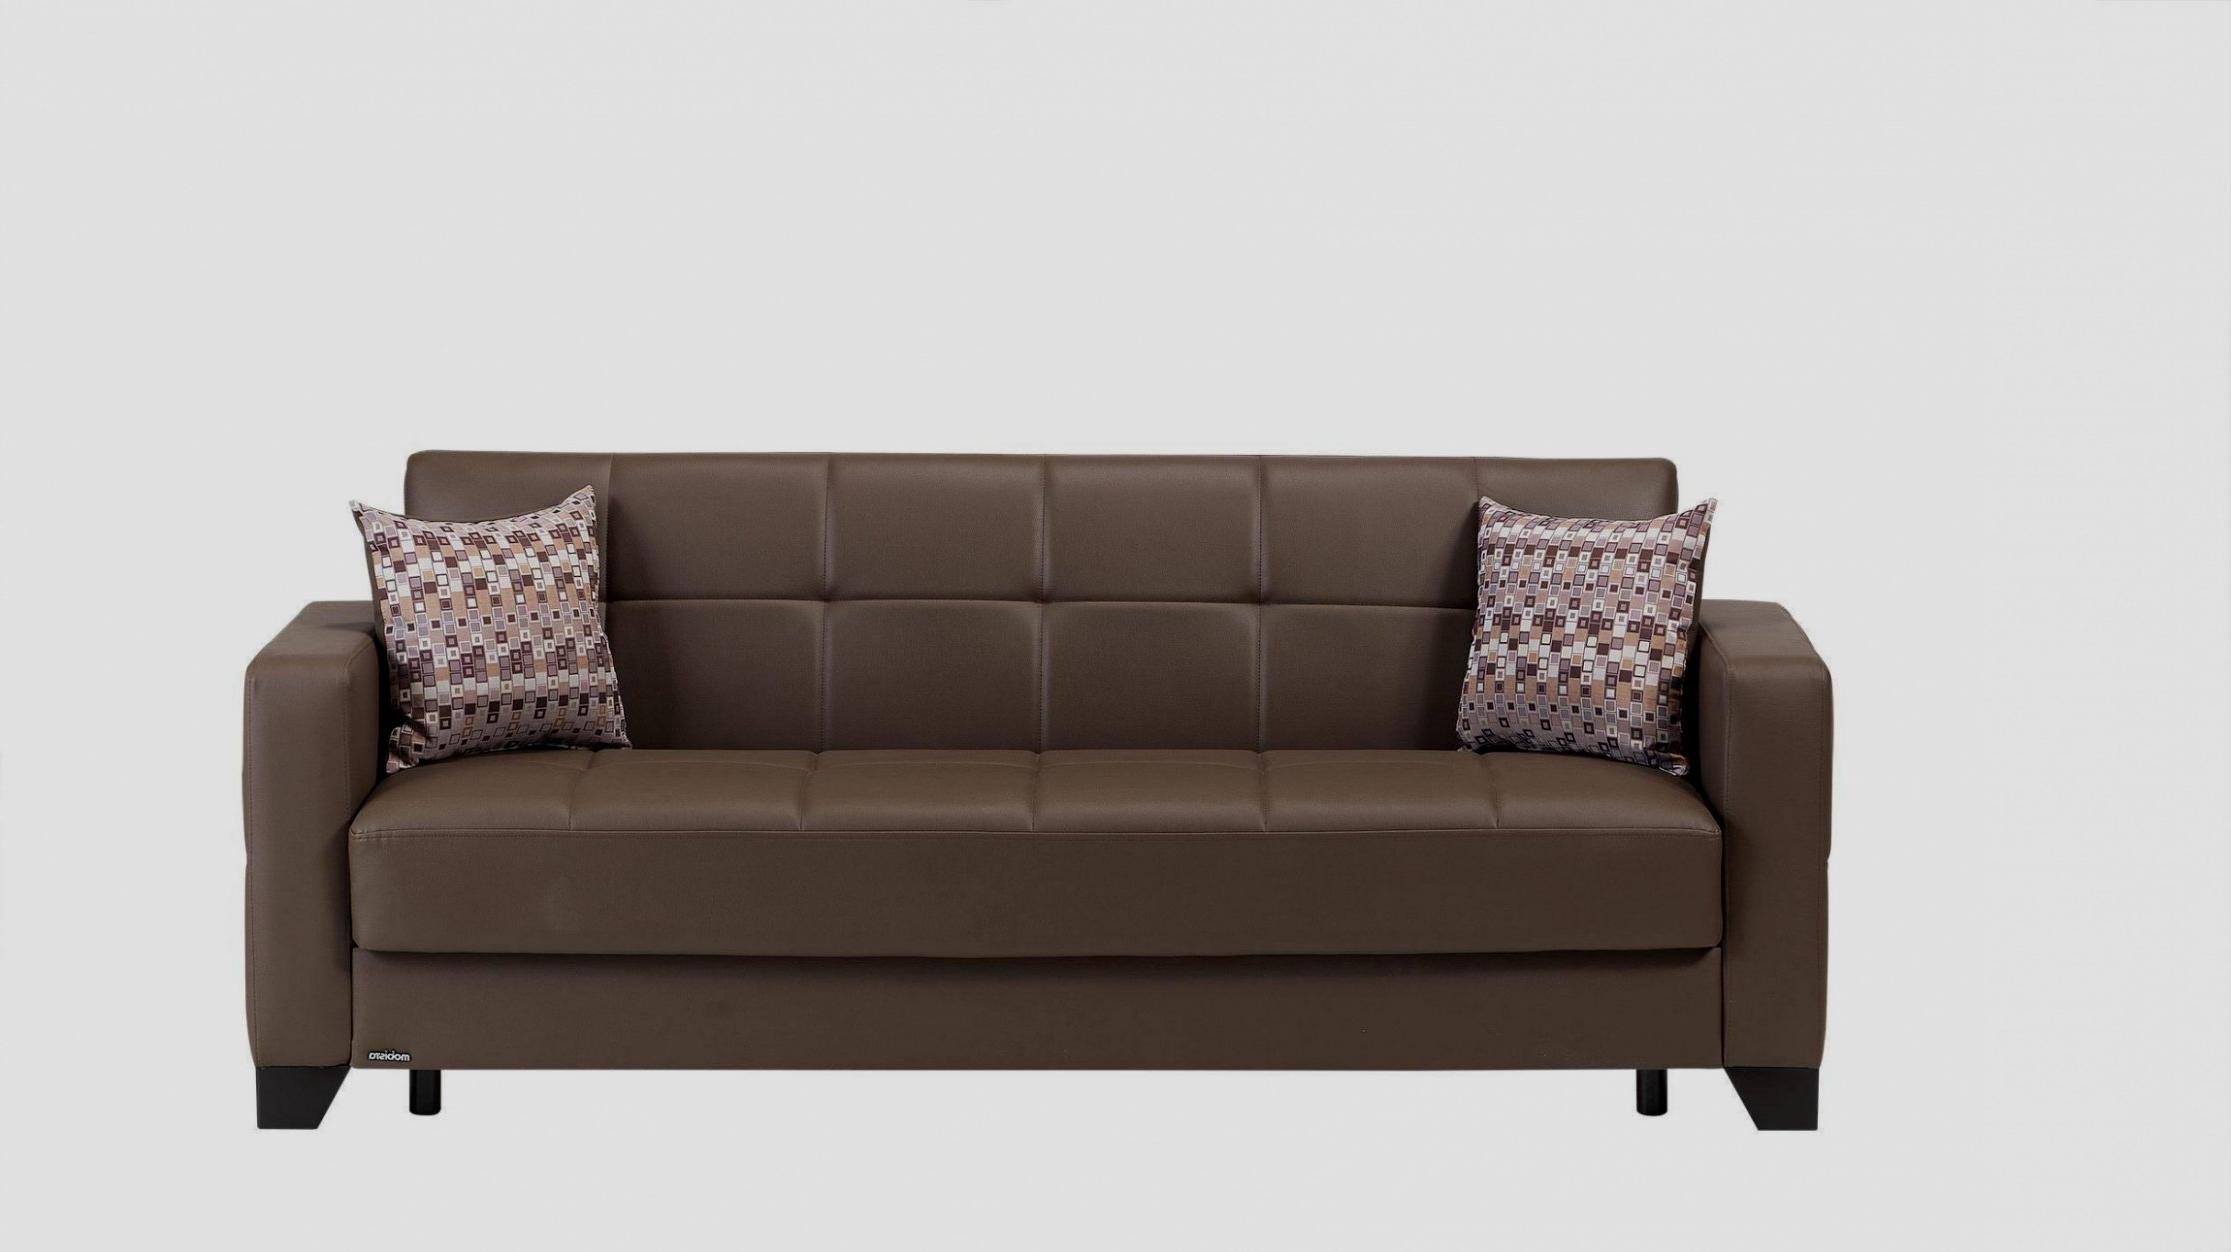 Sofas Cama En Conforama 3ldq sofas Cama Baratos Conforama Bello sofa Cama Coppel